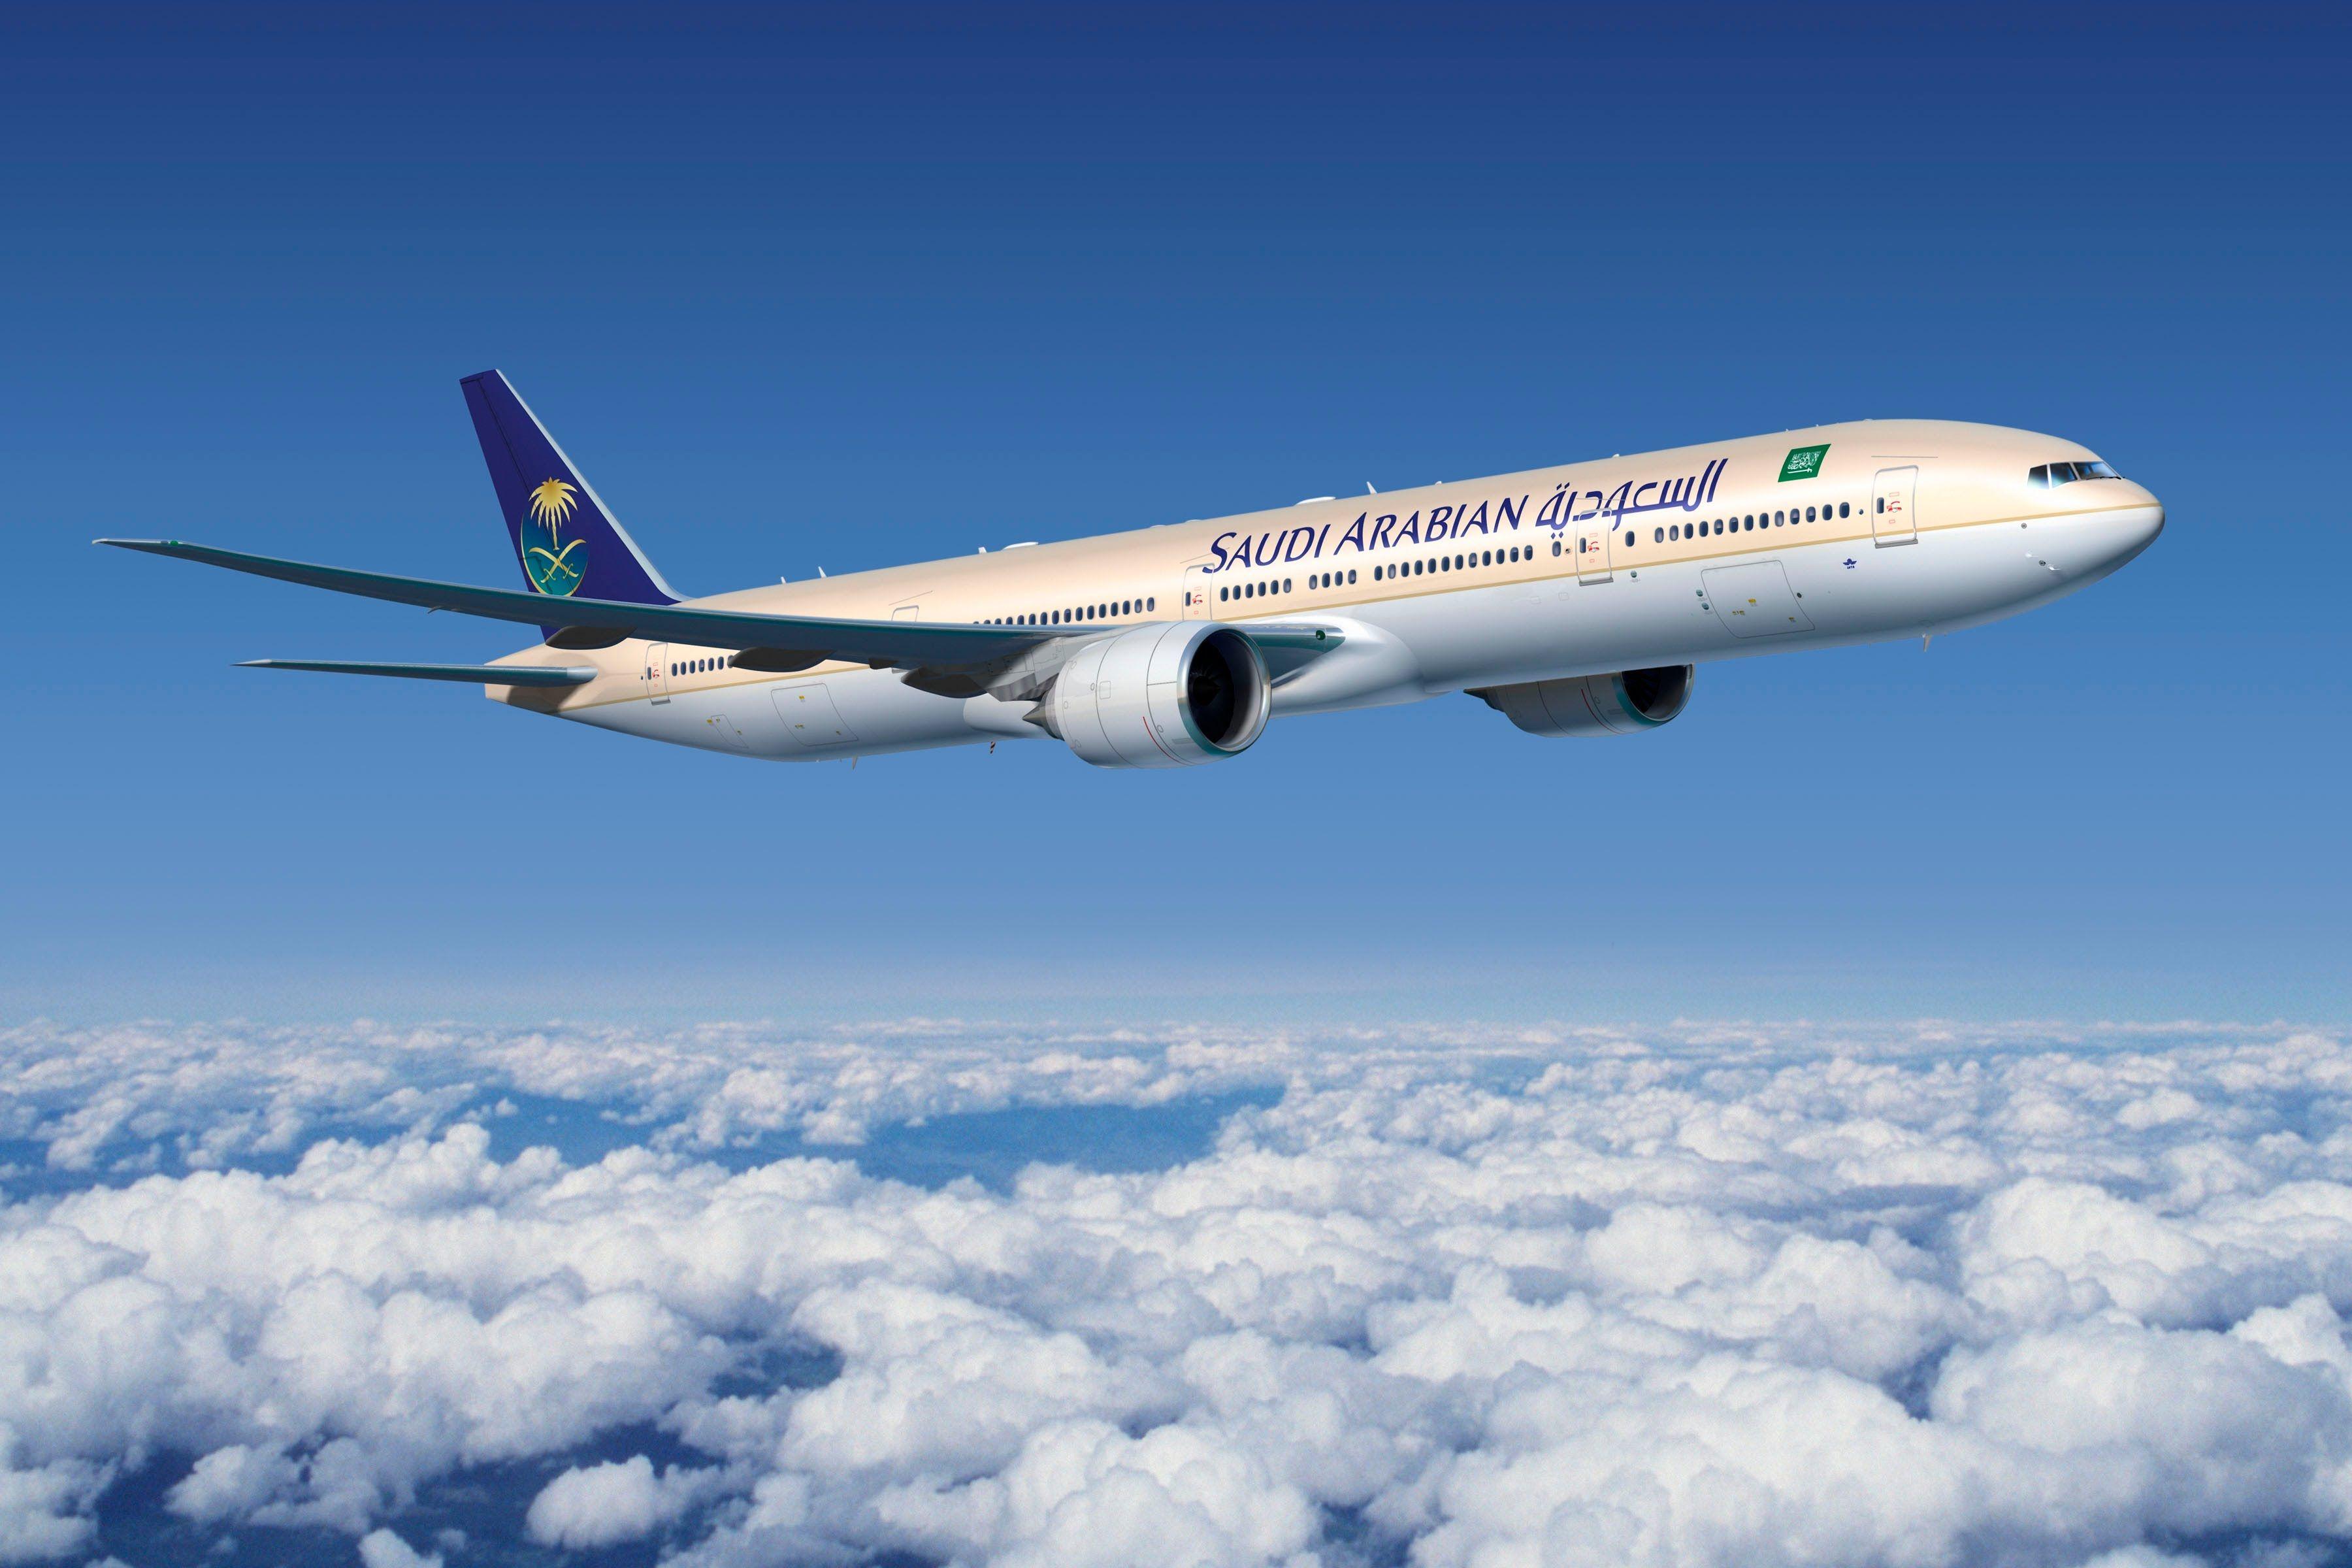 حجز رحلات الخطوط السعودية عبر الإنترنت بأقل الأسعار Airlines Airline Booking Aviation News